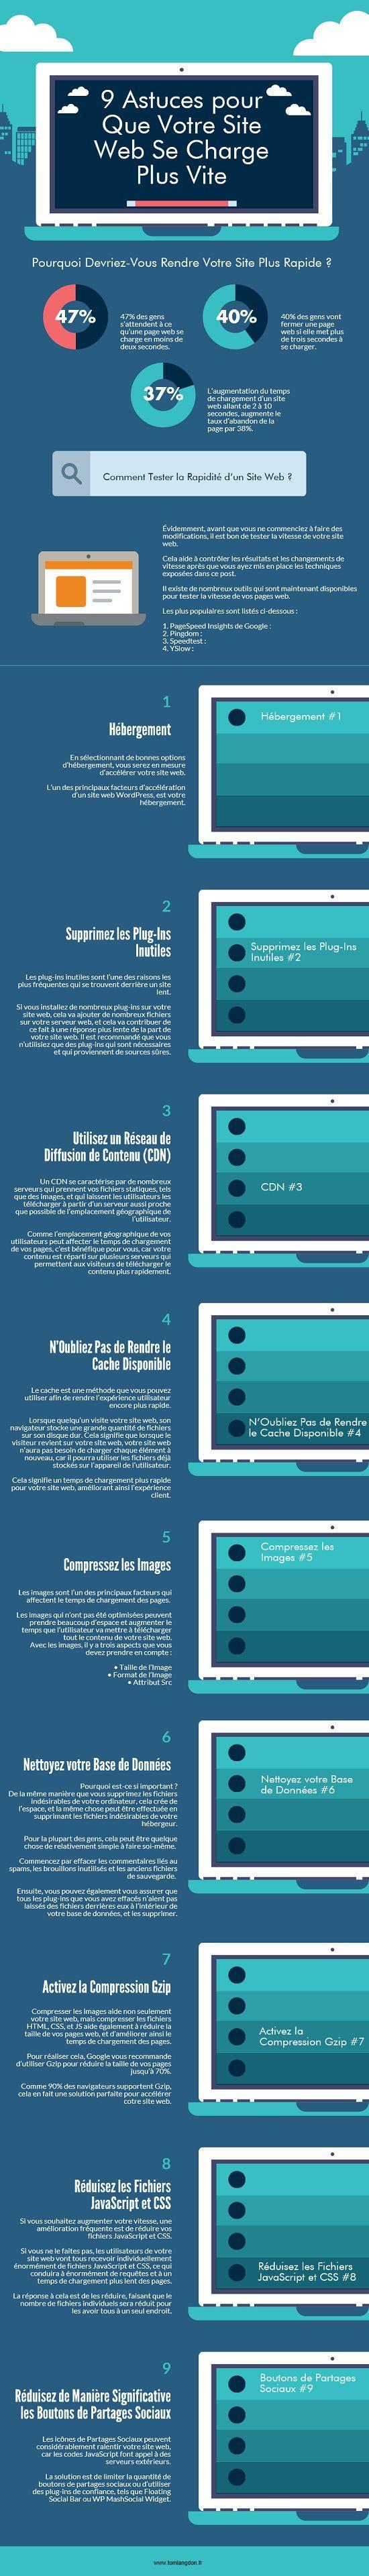 ▷ 9 Astuces pour Que Votre Site Web Se Charge Plus Vite | Webmarketing & co'm